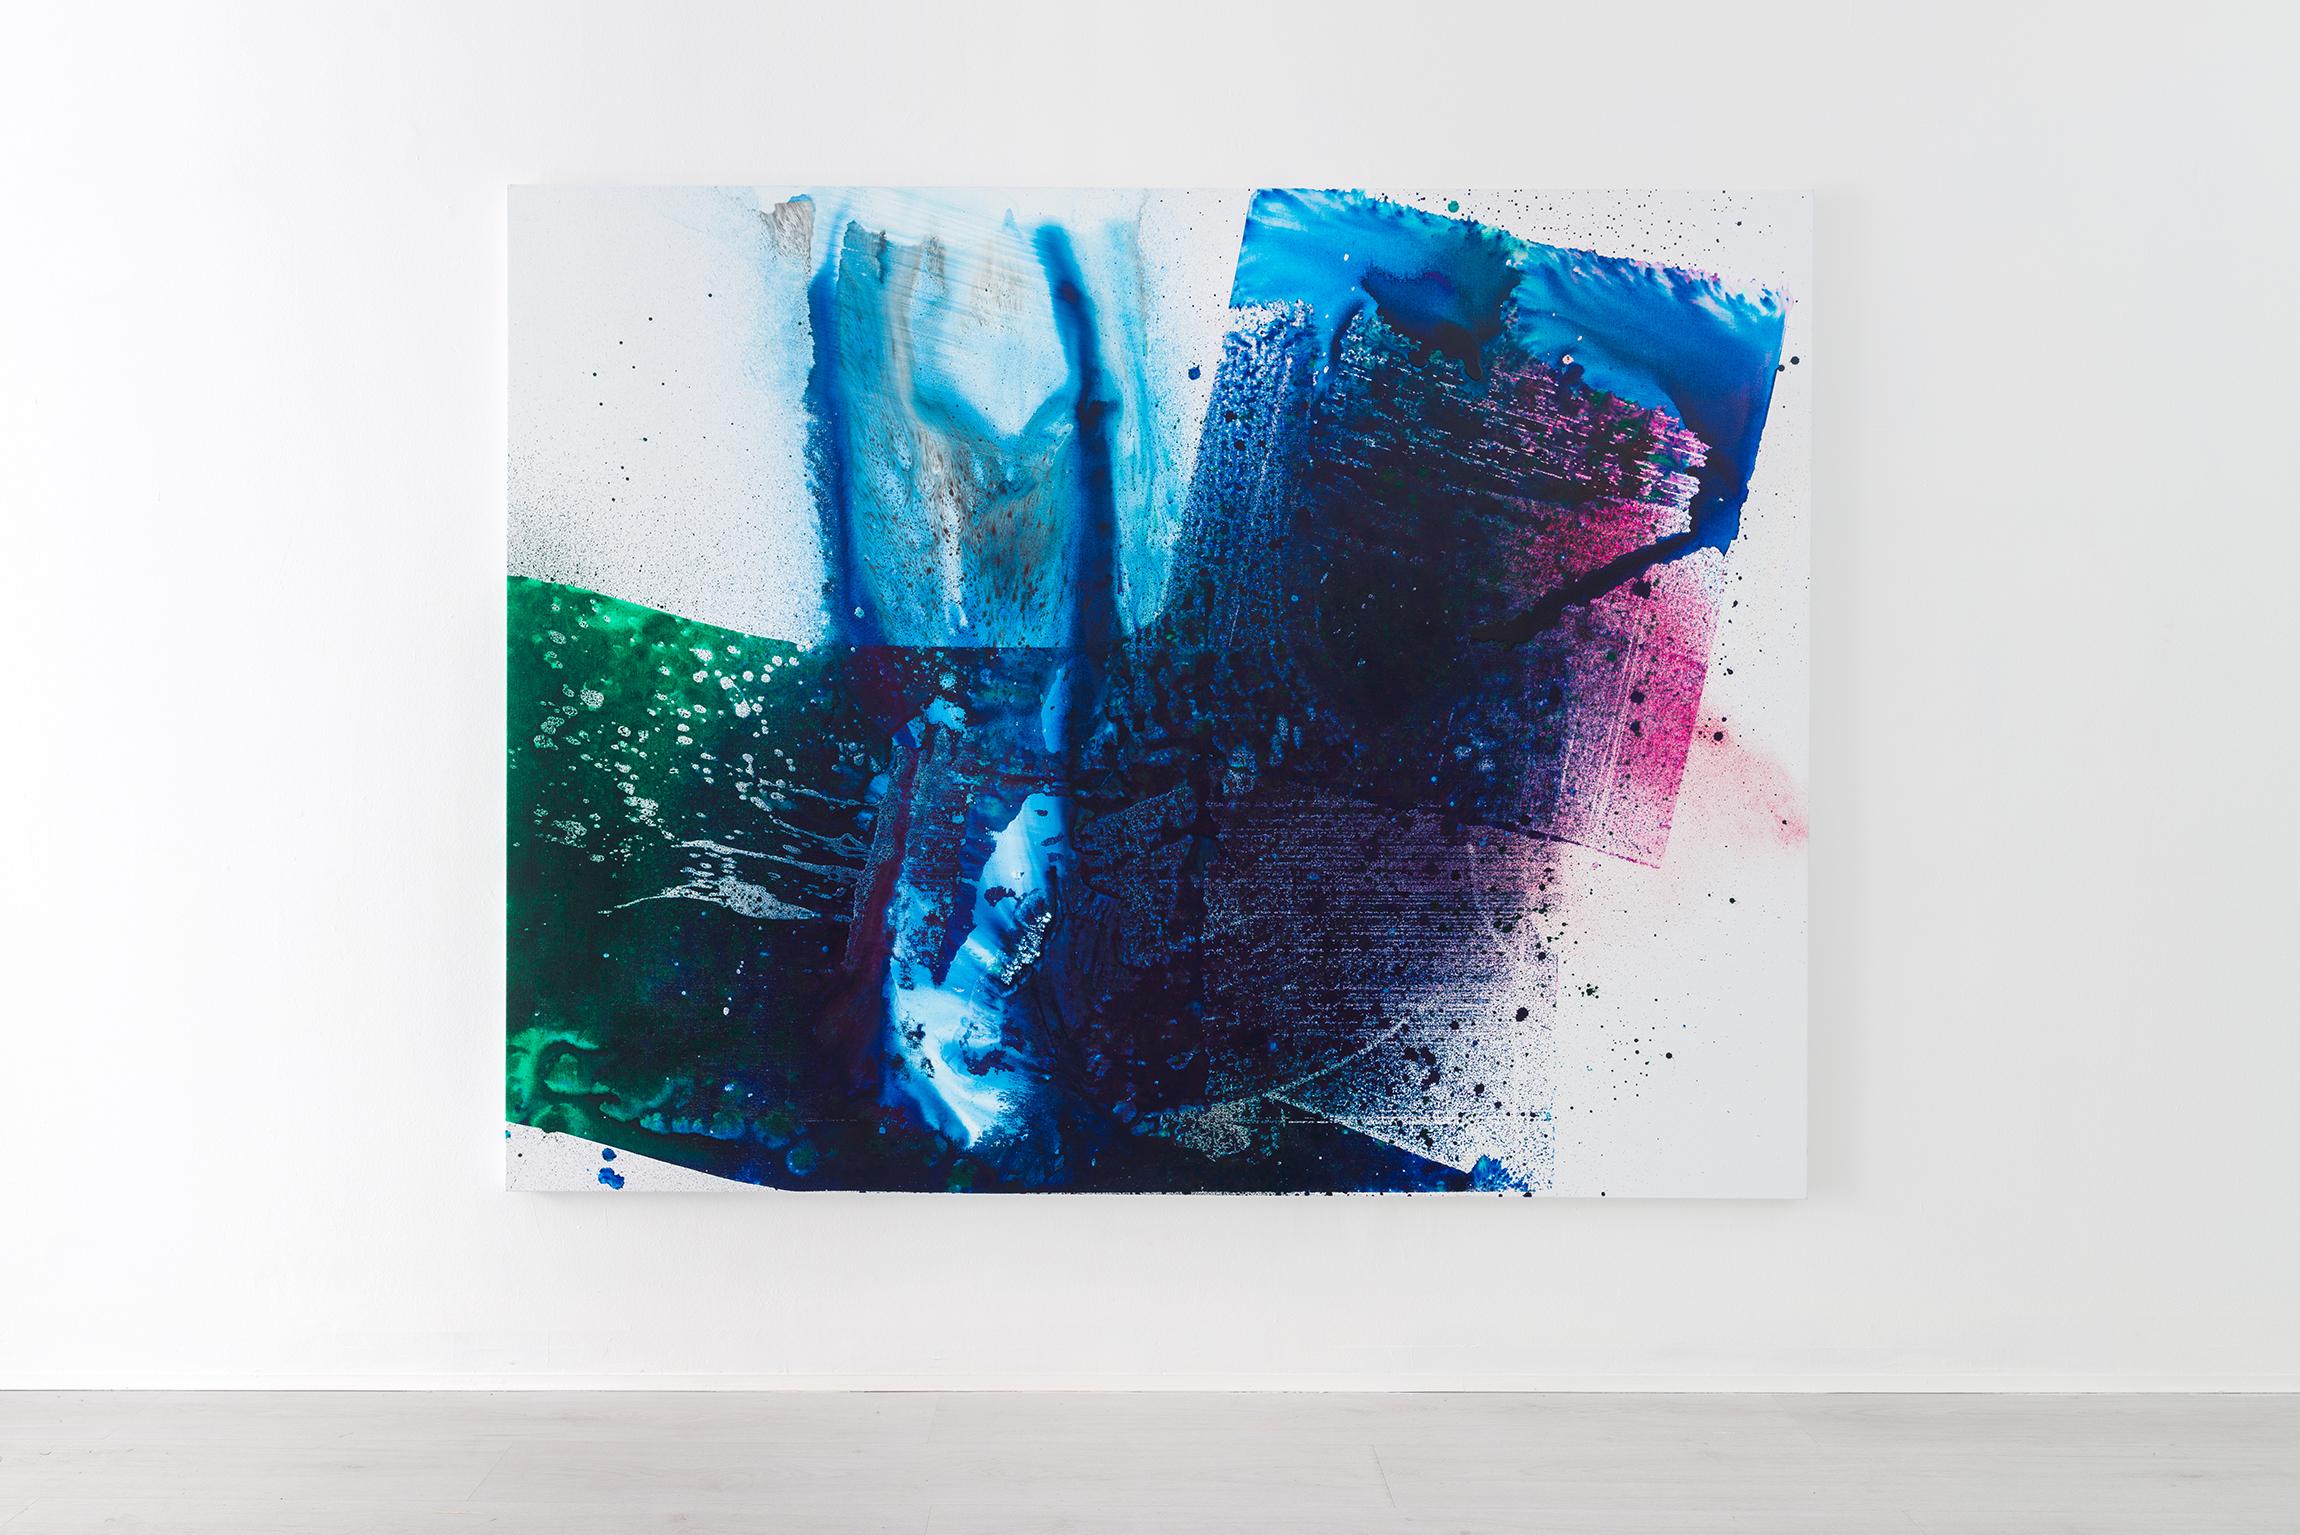 9. Max Frintrop - mi par d'udir ancora - mixed media - 190x220cm - 2017